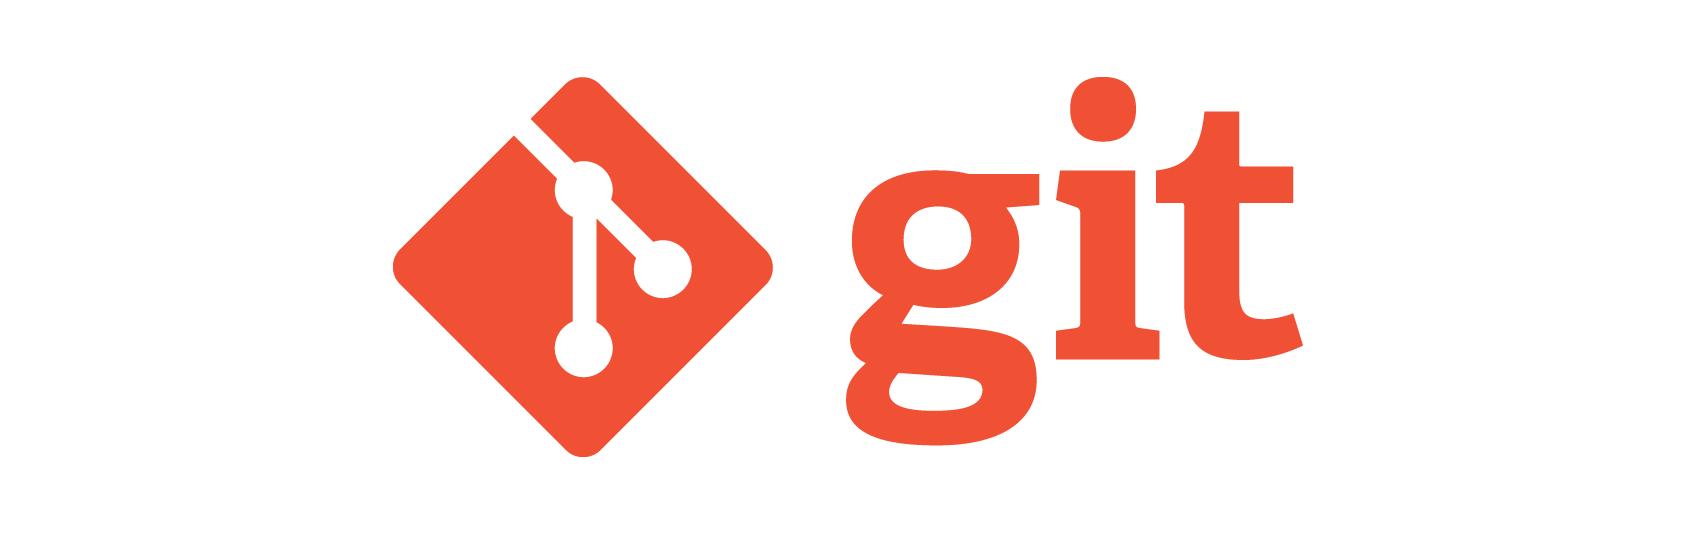 Уязвимость в Git: выполнение произвольных команд